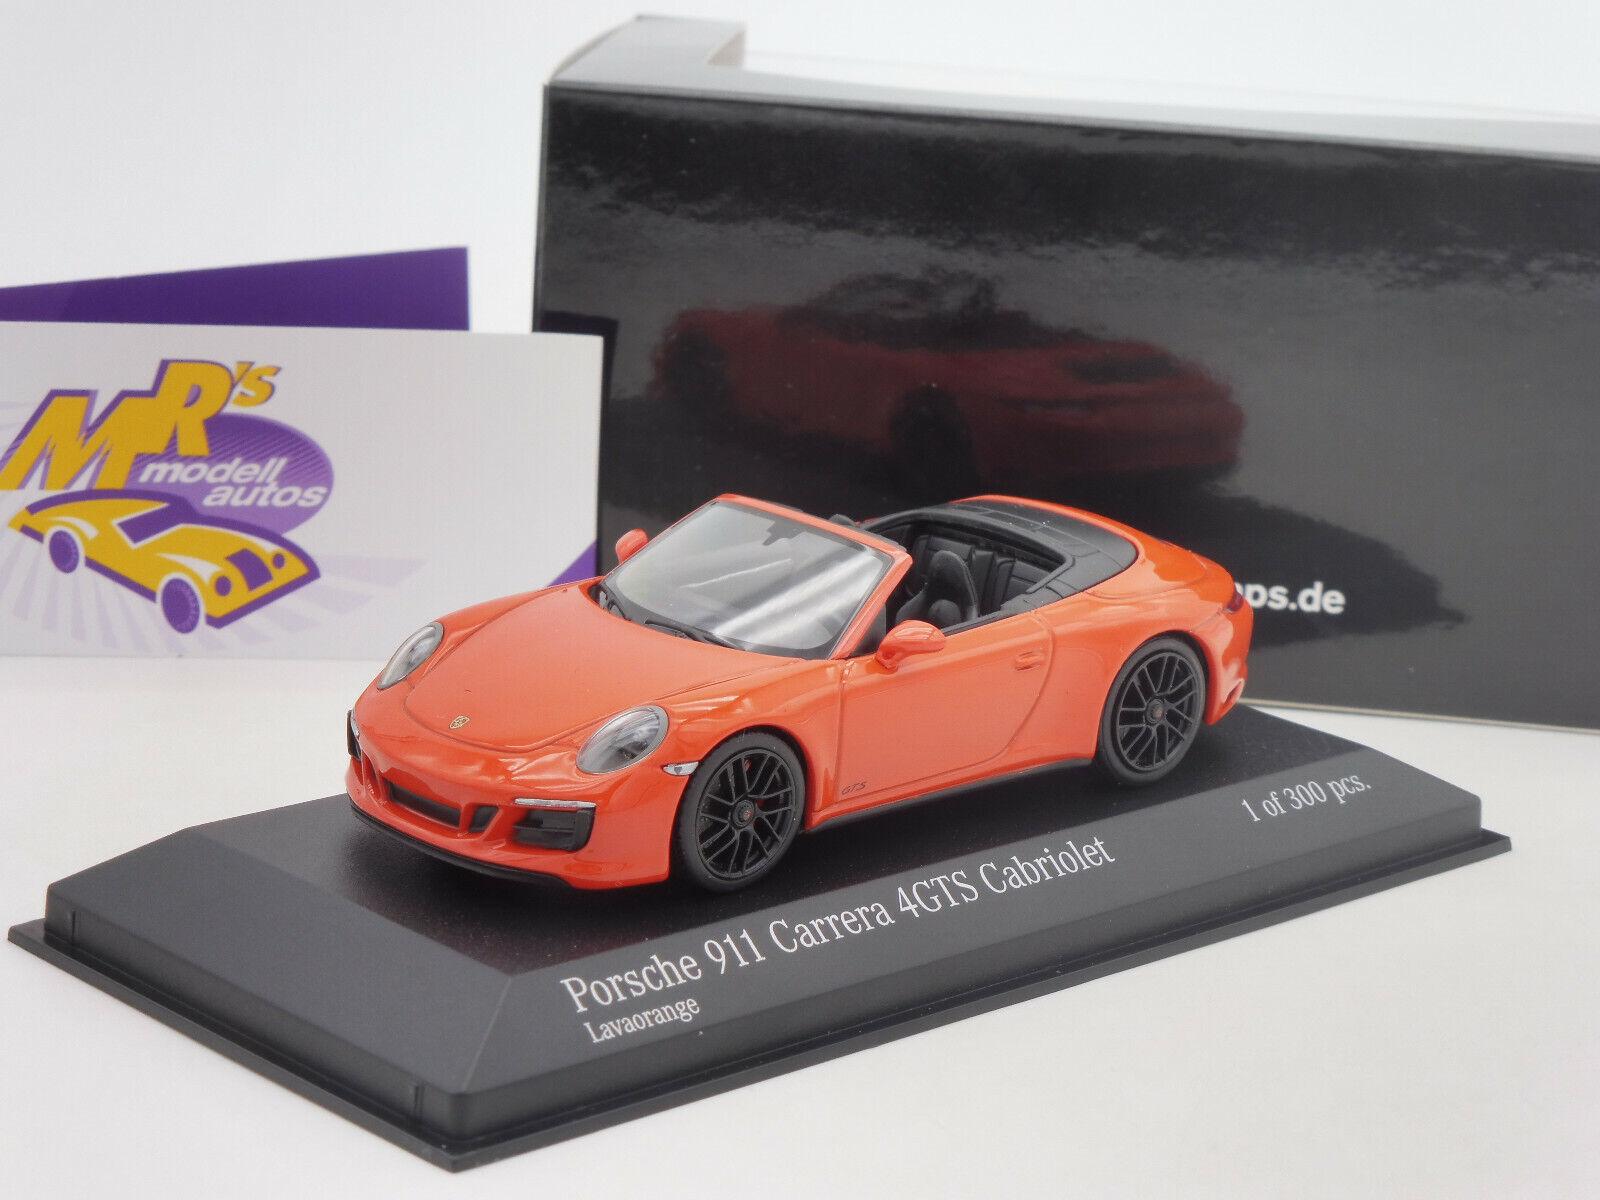 Minichamps 410067331   PORSCHE 911 Carrera 4GTS Cabrio Bj. 2016   Orange   1 43